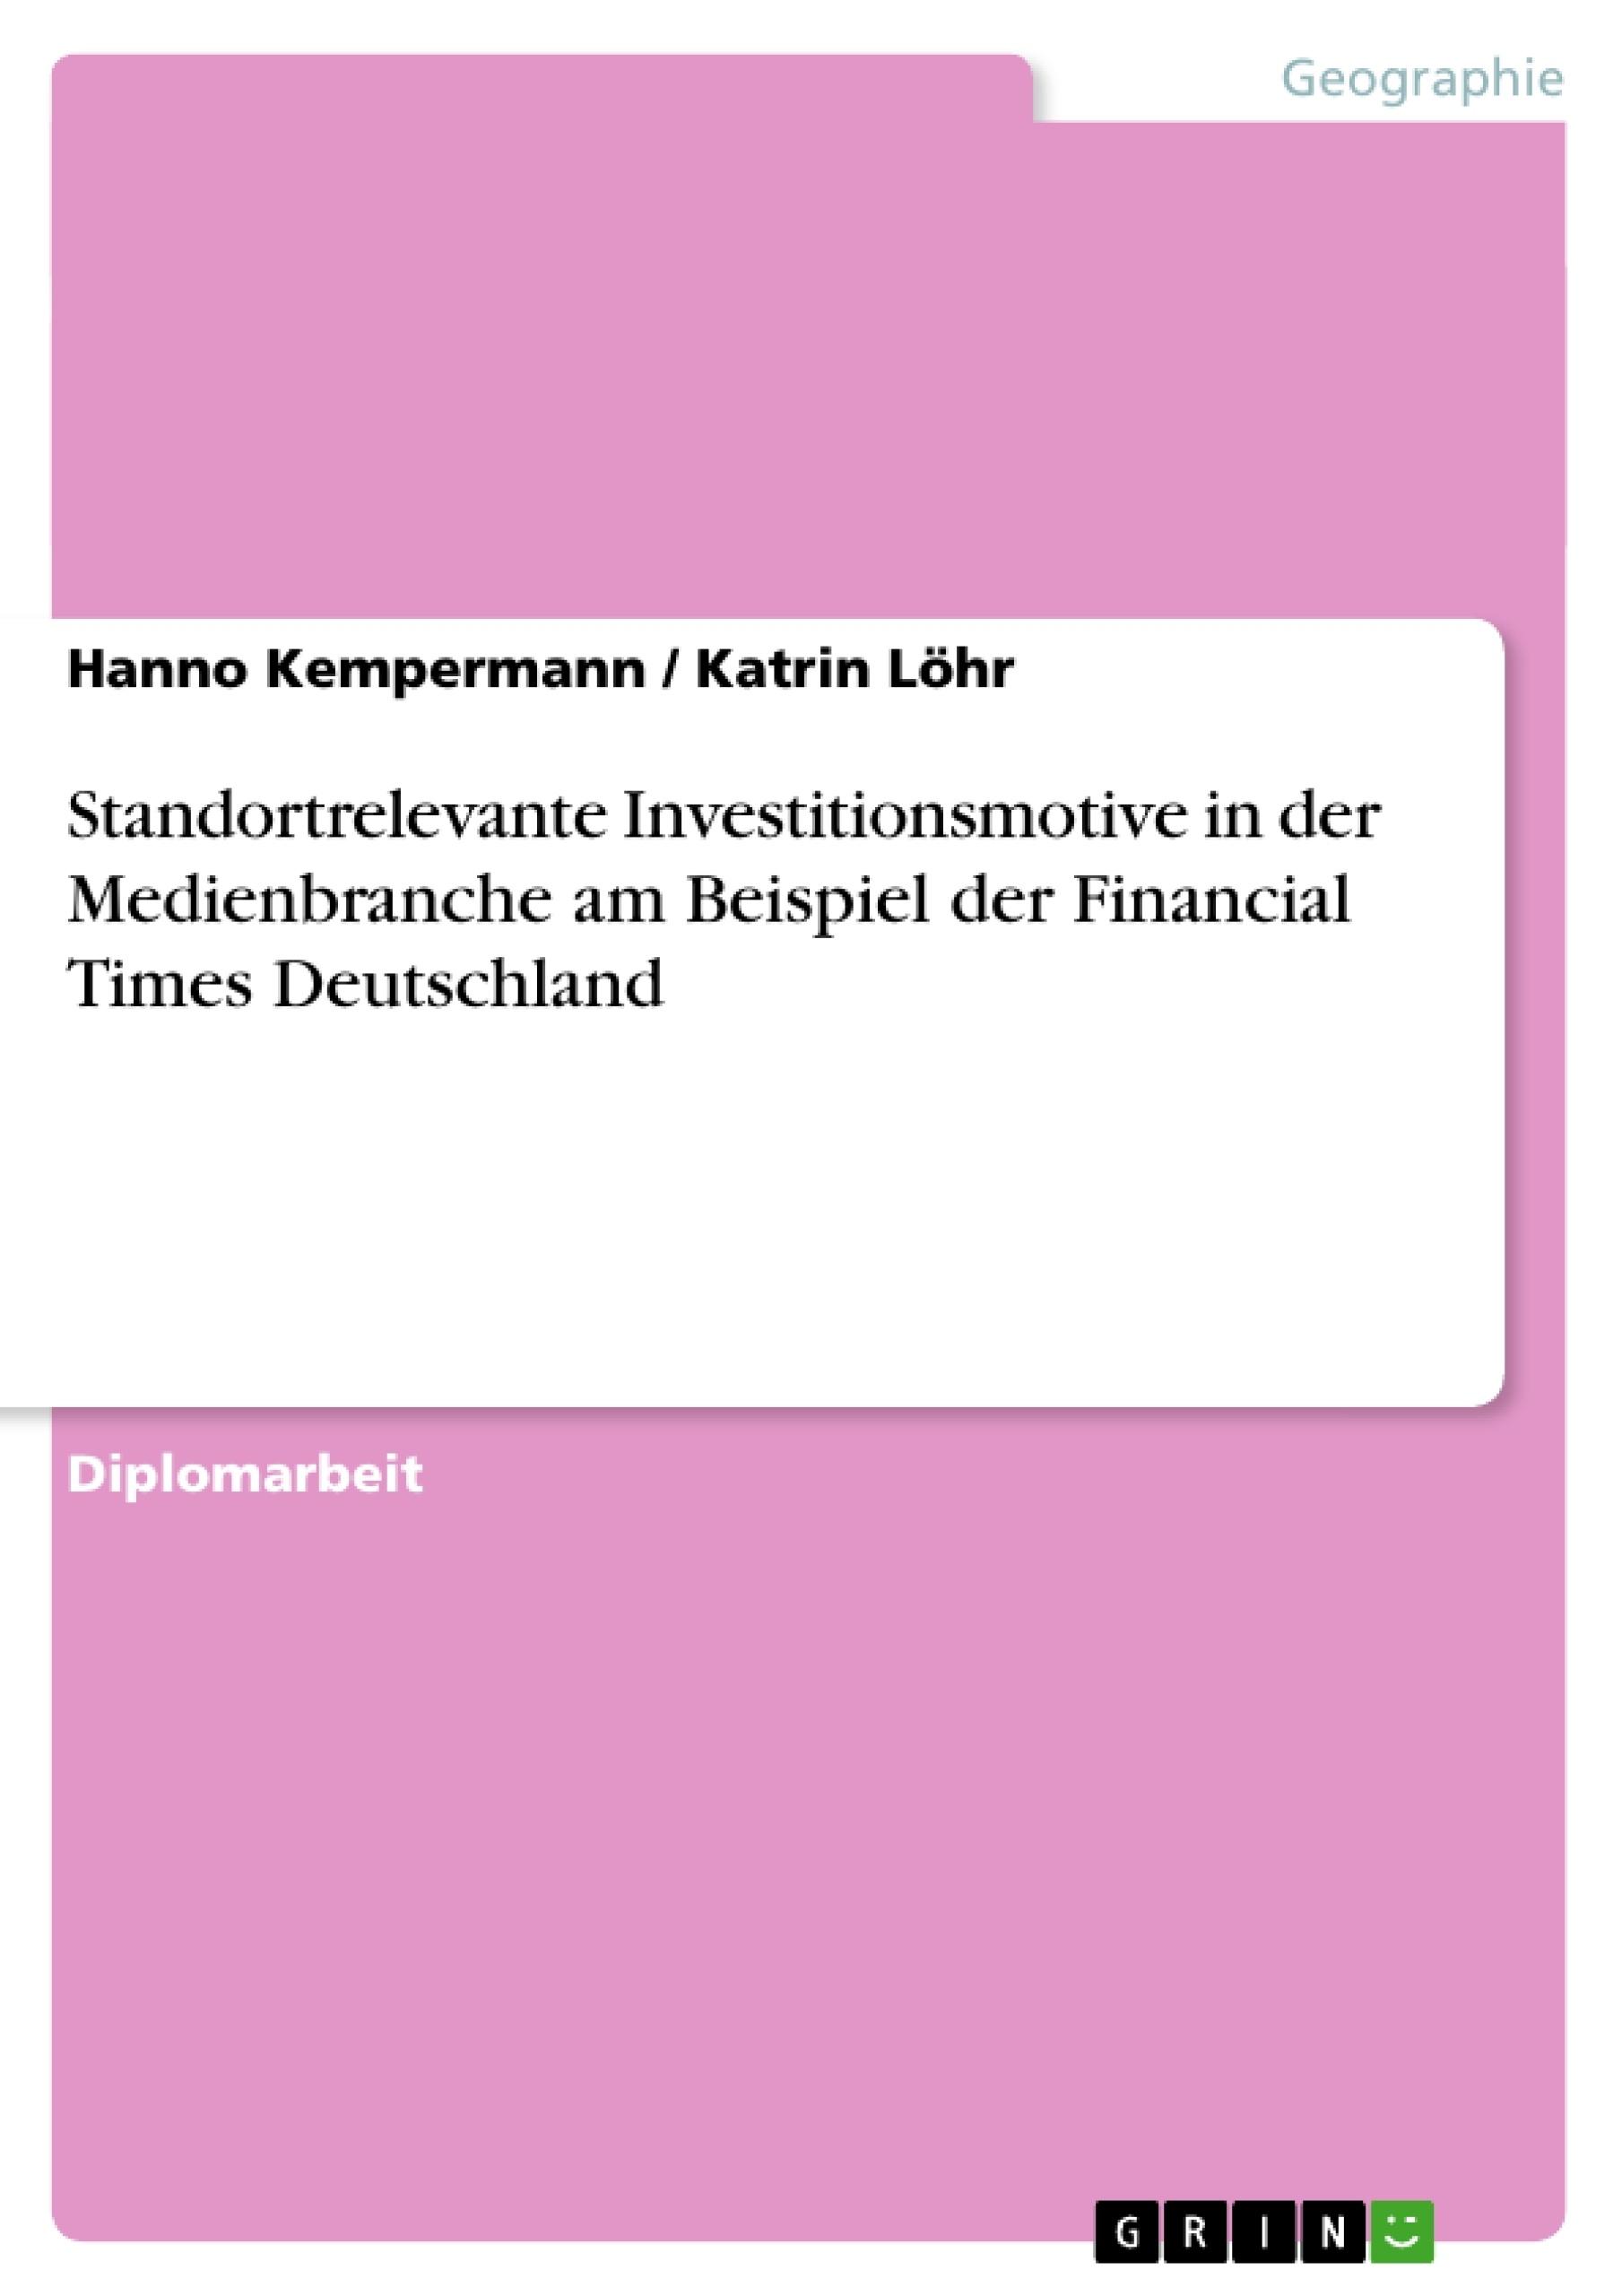 Titel: Standortrelevante Investitionsmotive in der Medienbranche am Beispiel der Financial Times Deutschland